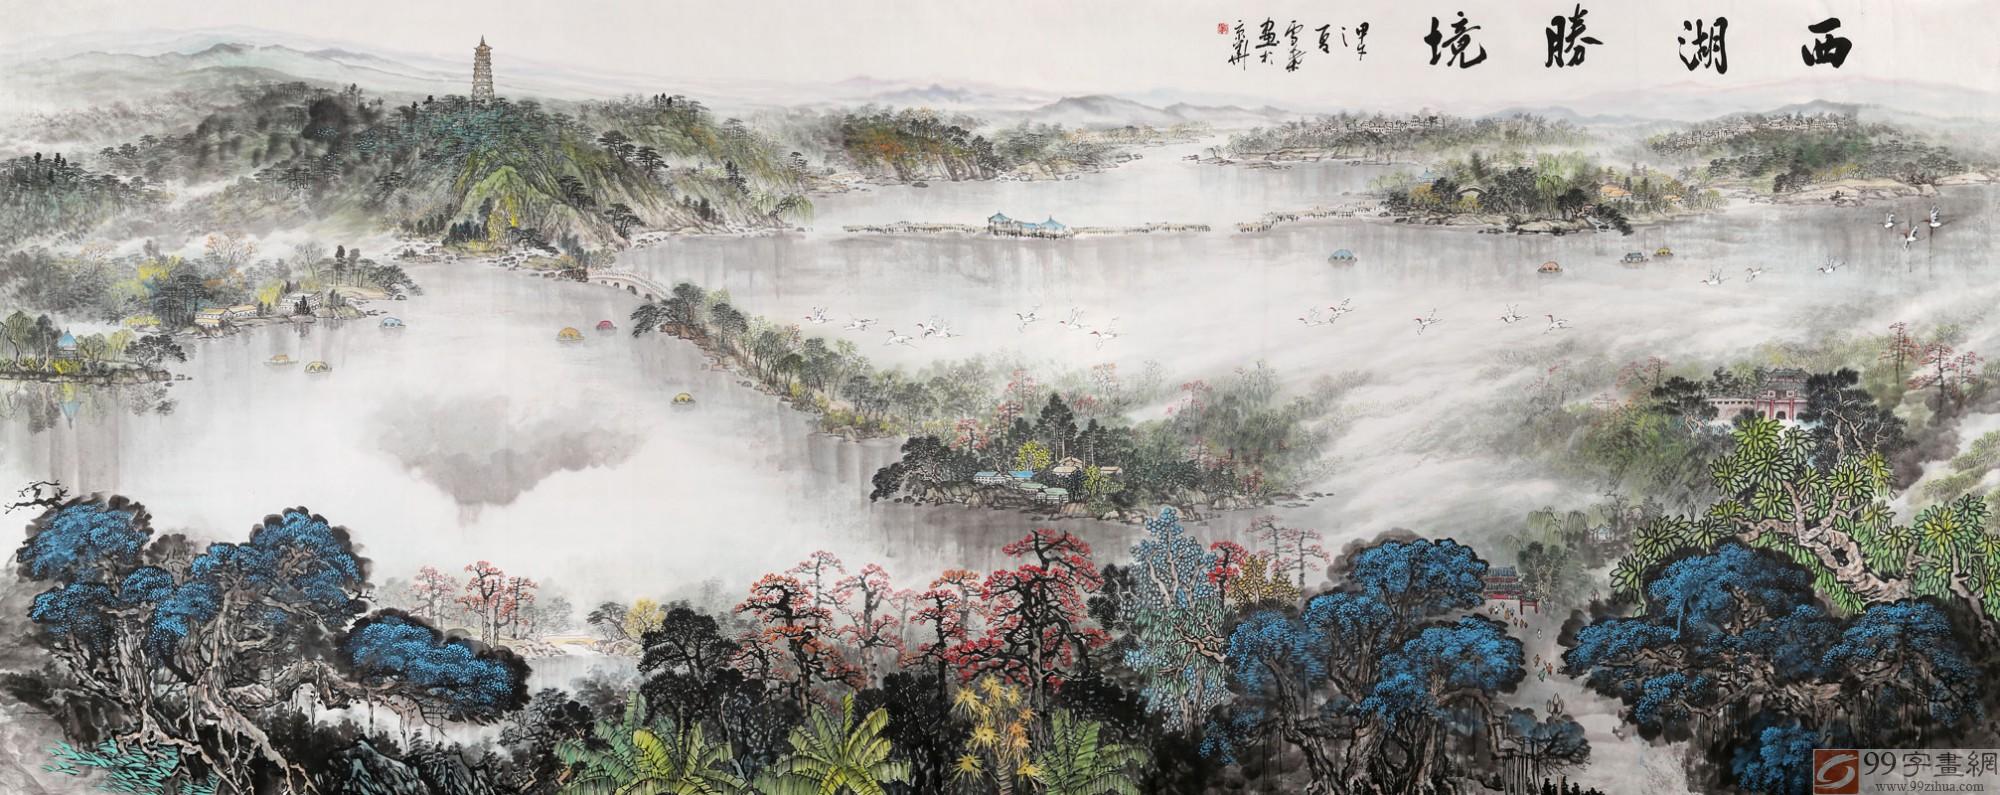 西湖西溪湿地图片